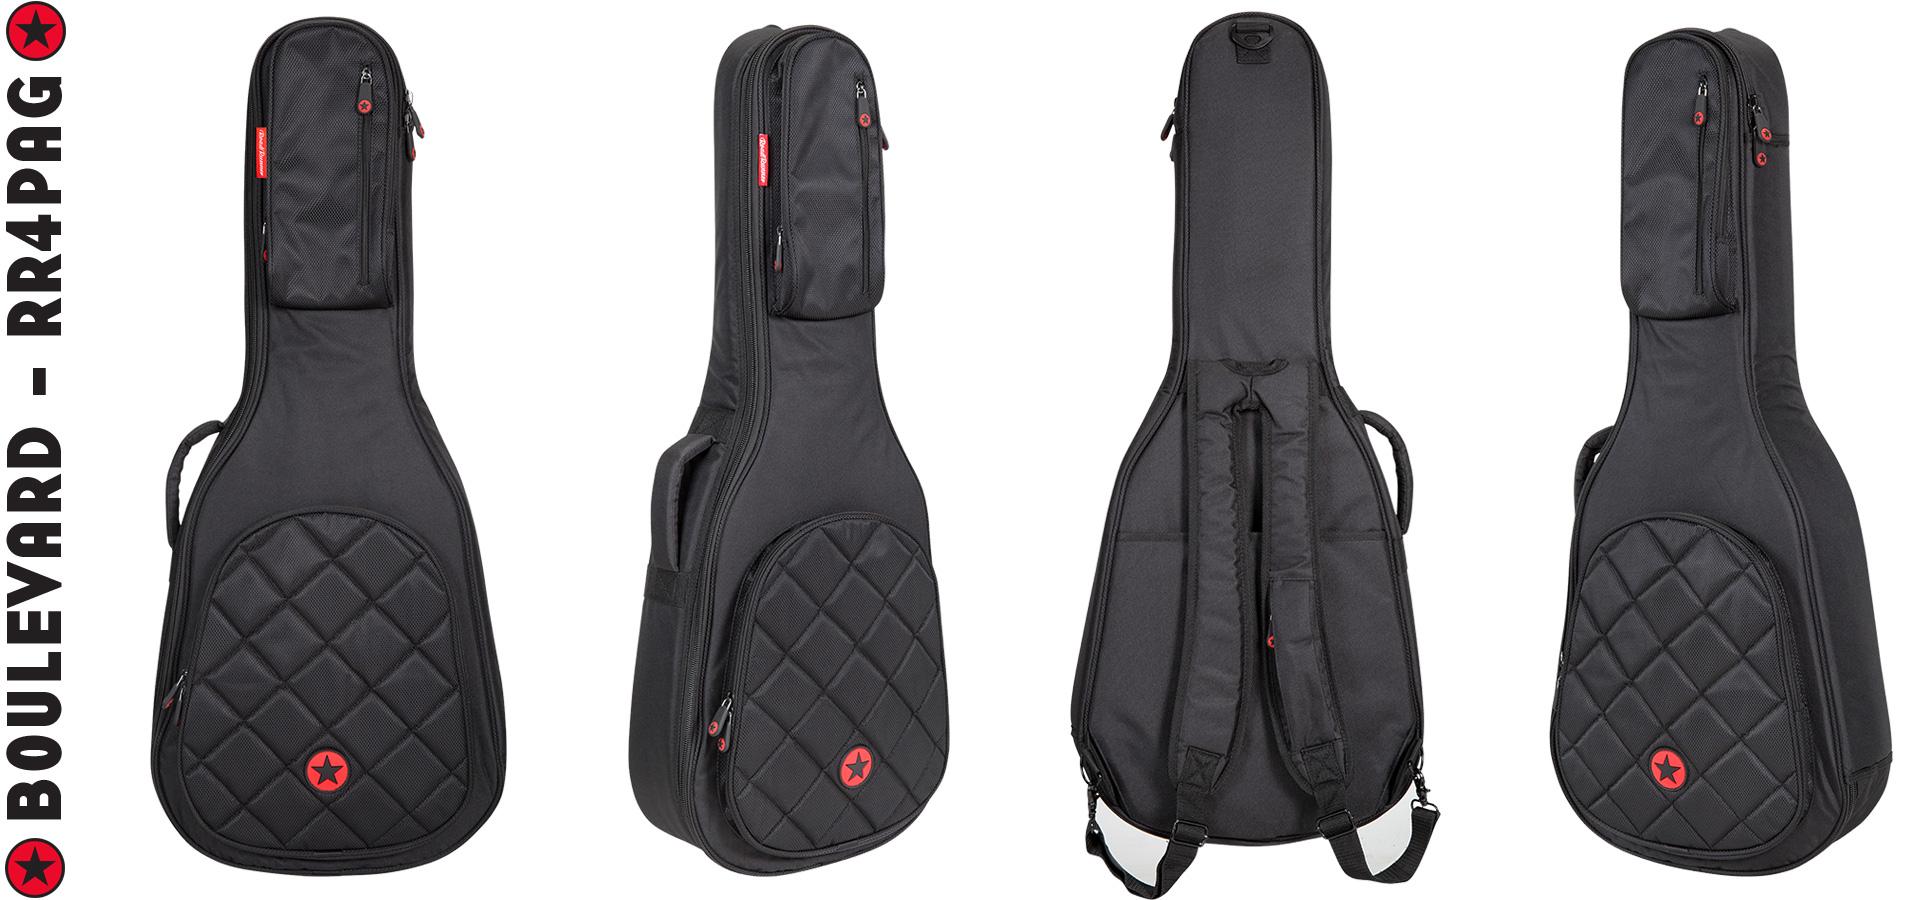 Parlor Acoustic Guitar Bag Road Runner Boulevard Series RR4PAG